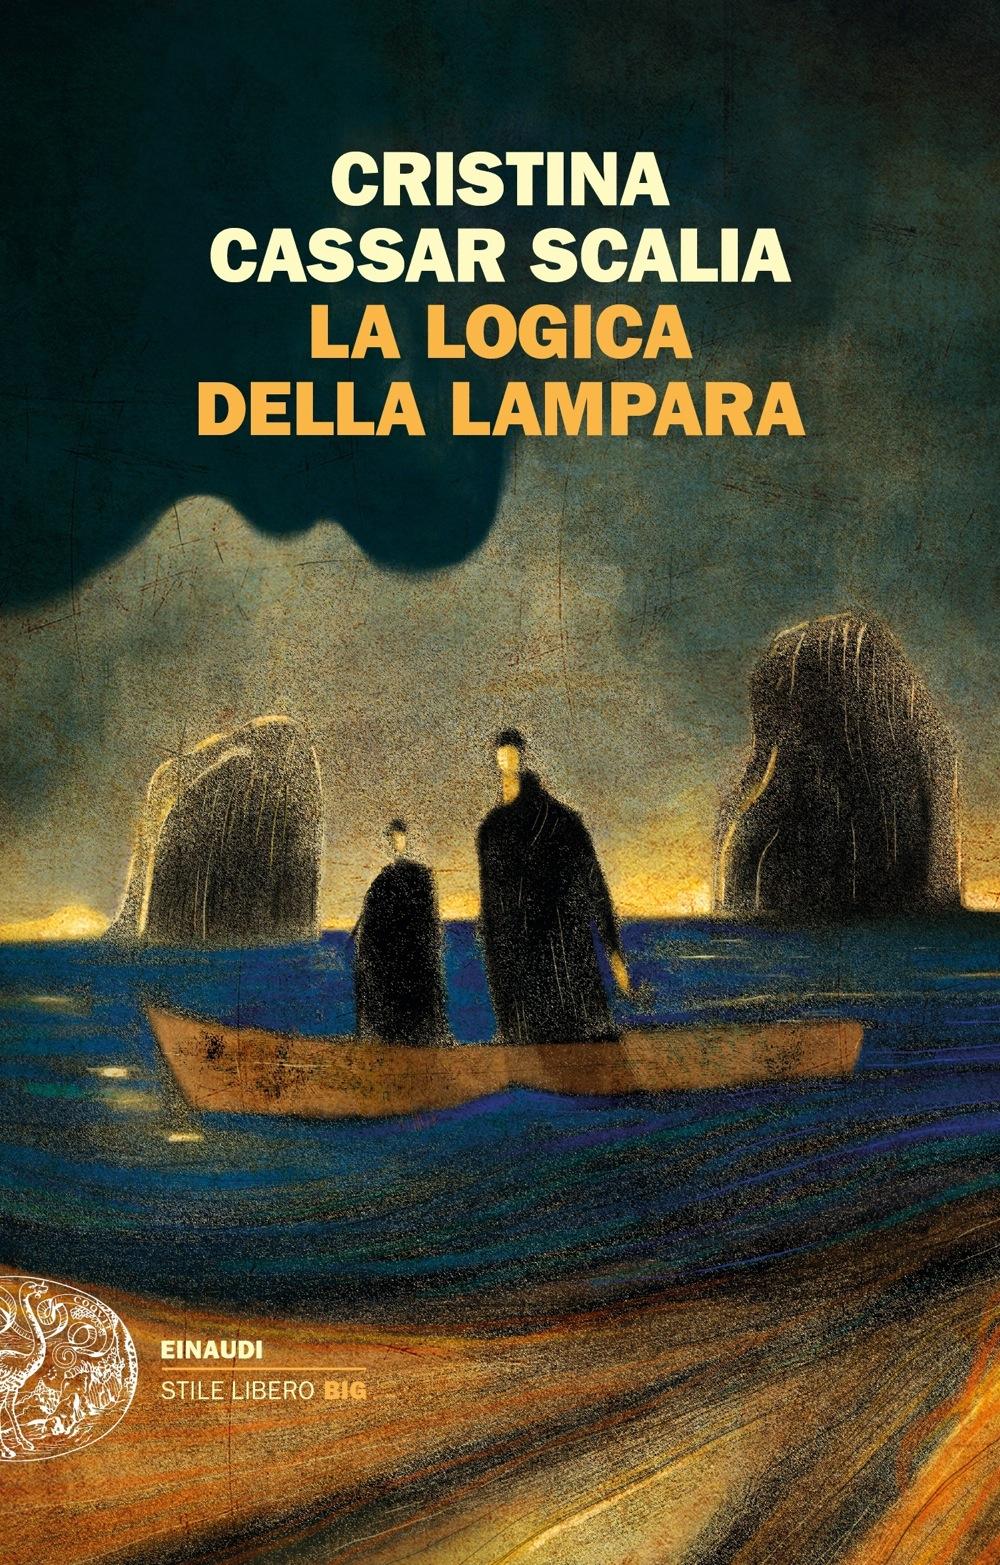 Incontro con Cristina Cassar Scalia in occasione della pubblicazione del suo nuovo romanzo La logica della lampara. Einaudi